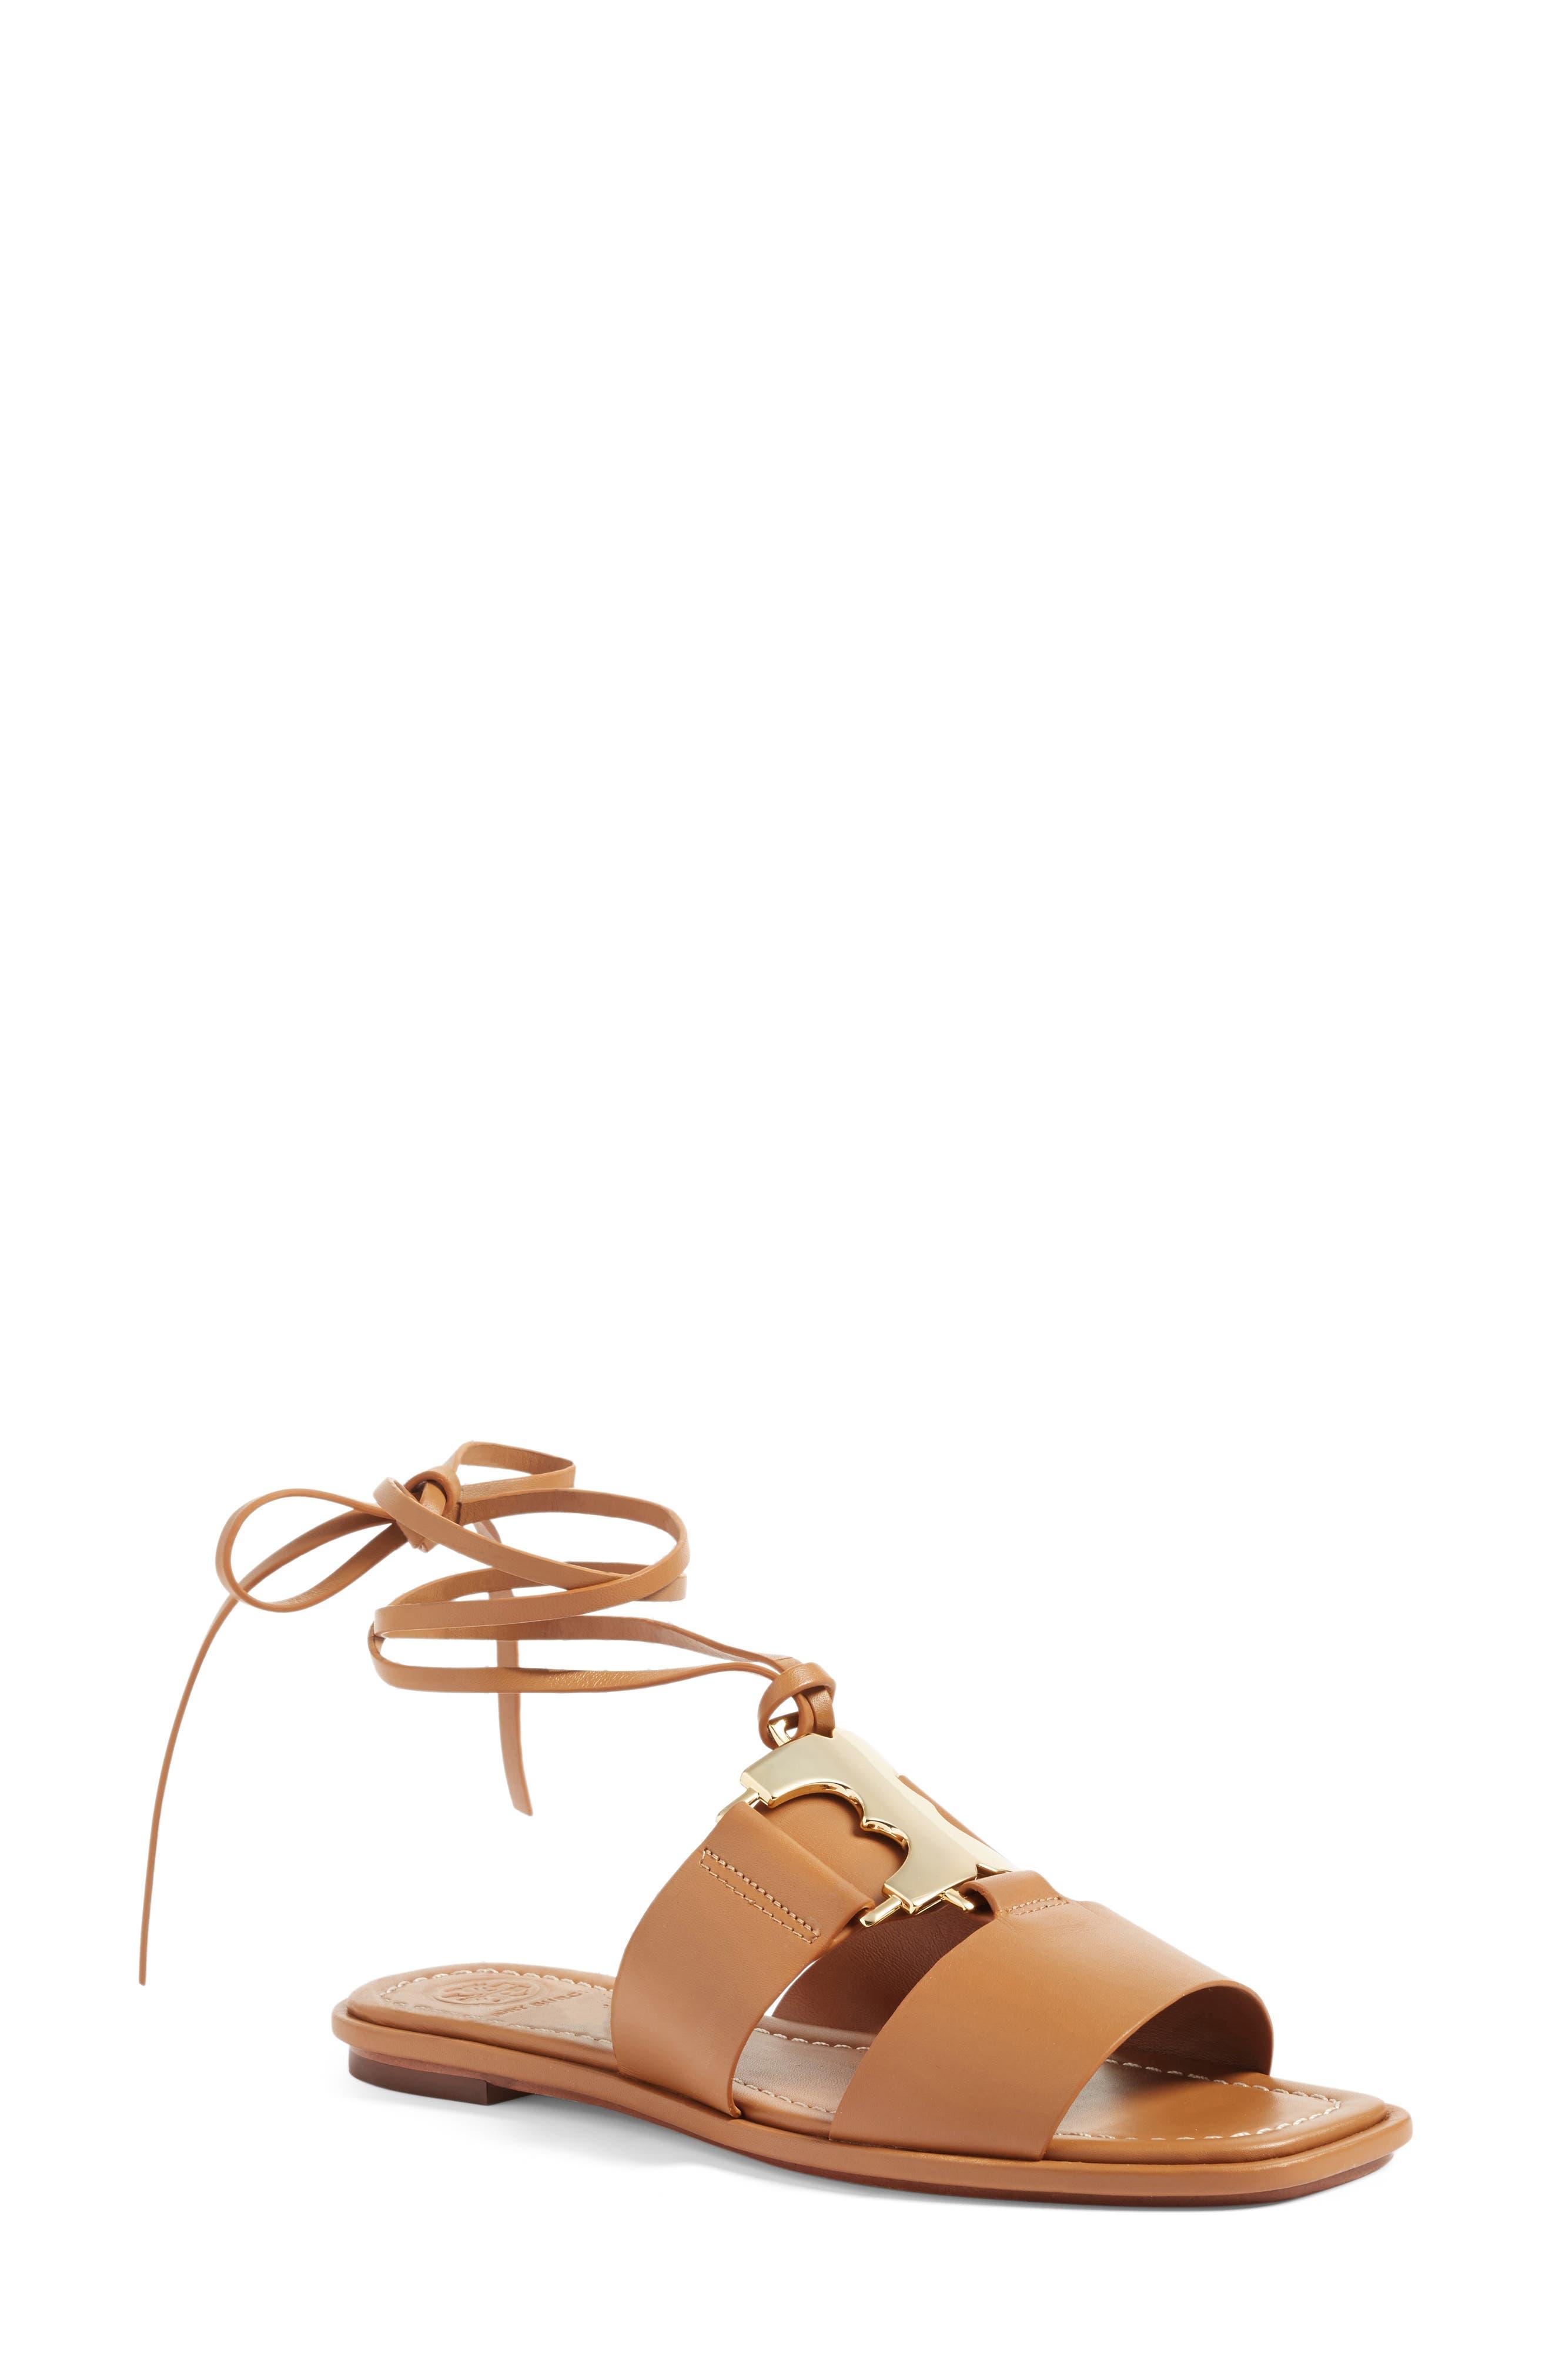 Alternate Image 1 Selected - Tory Burch Gemini Link Sandal (Women)